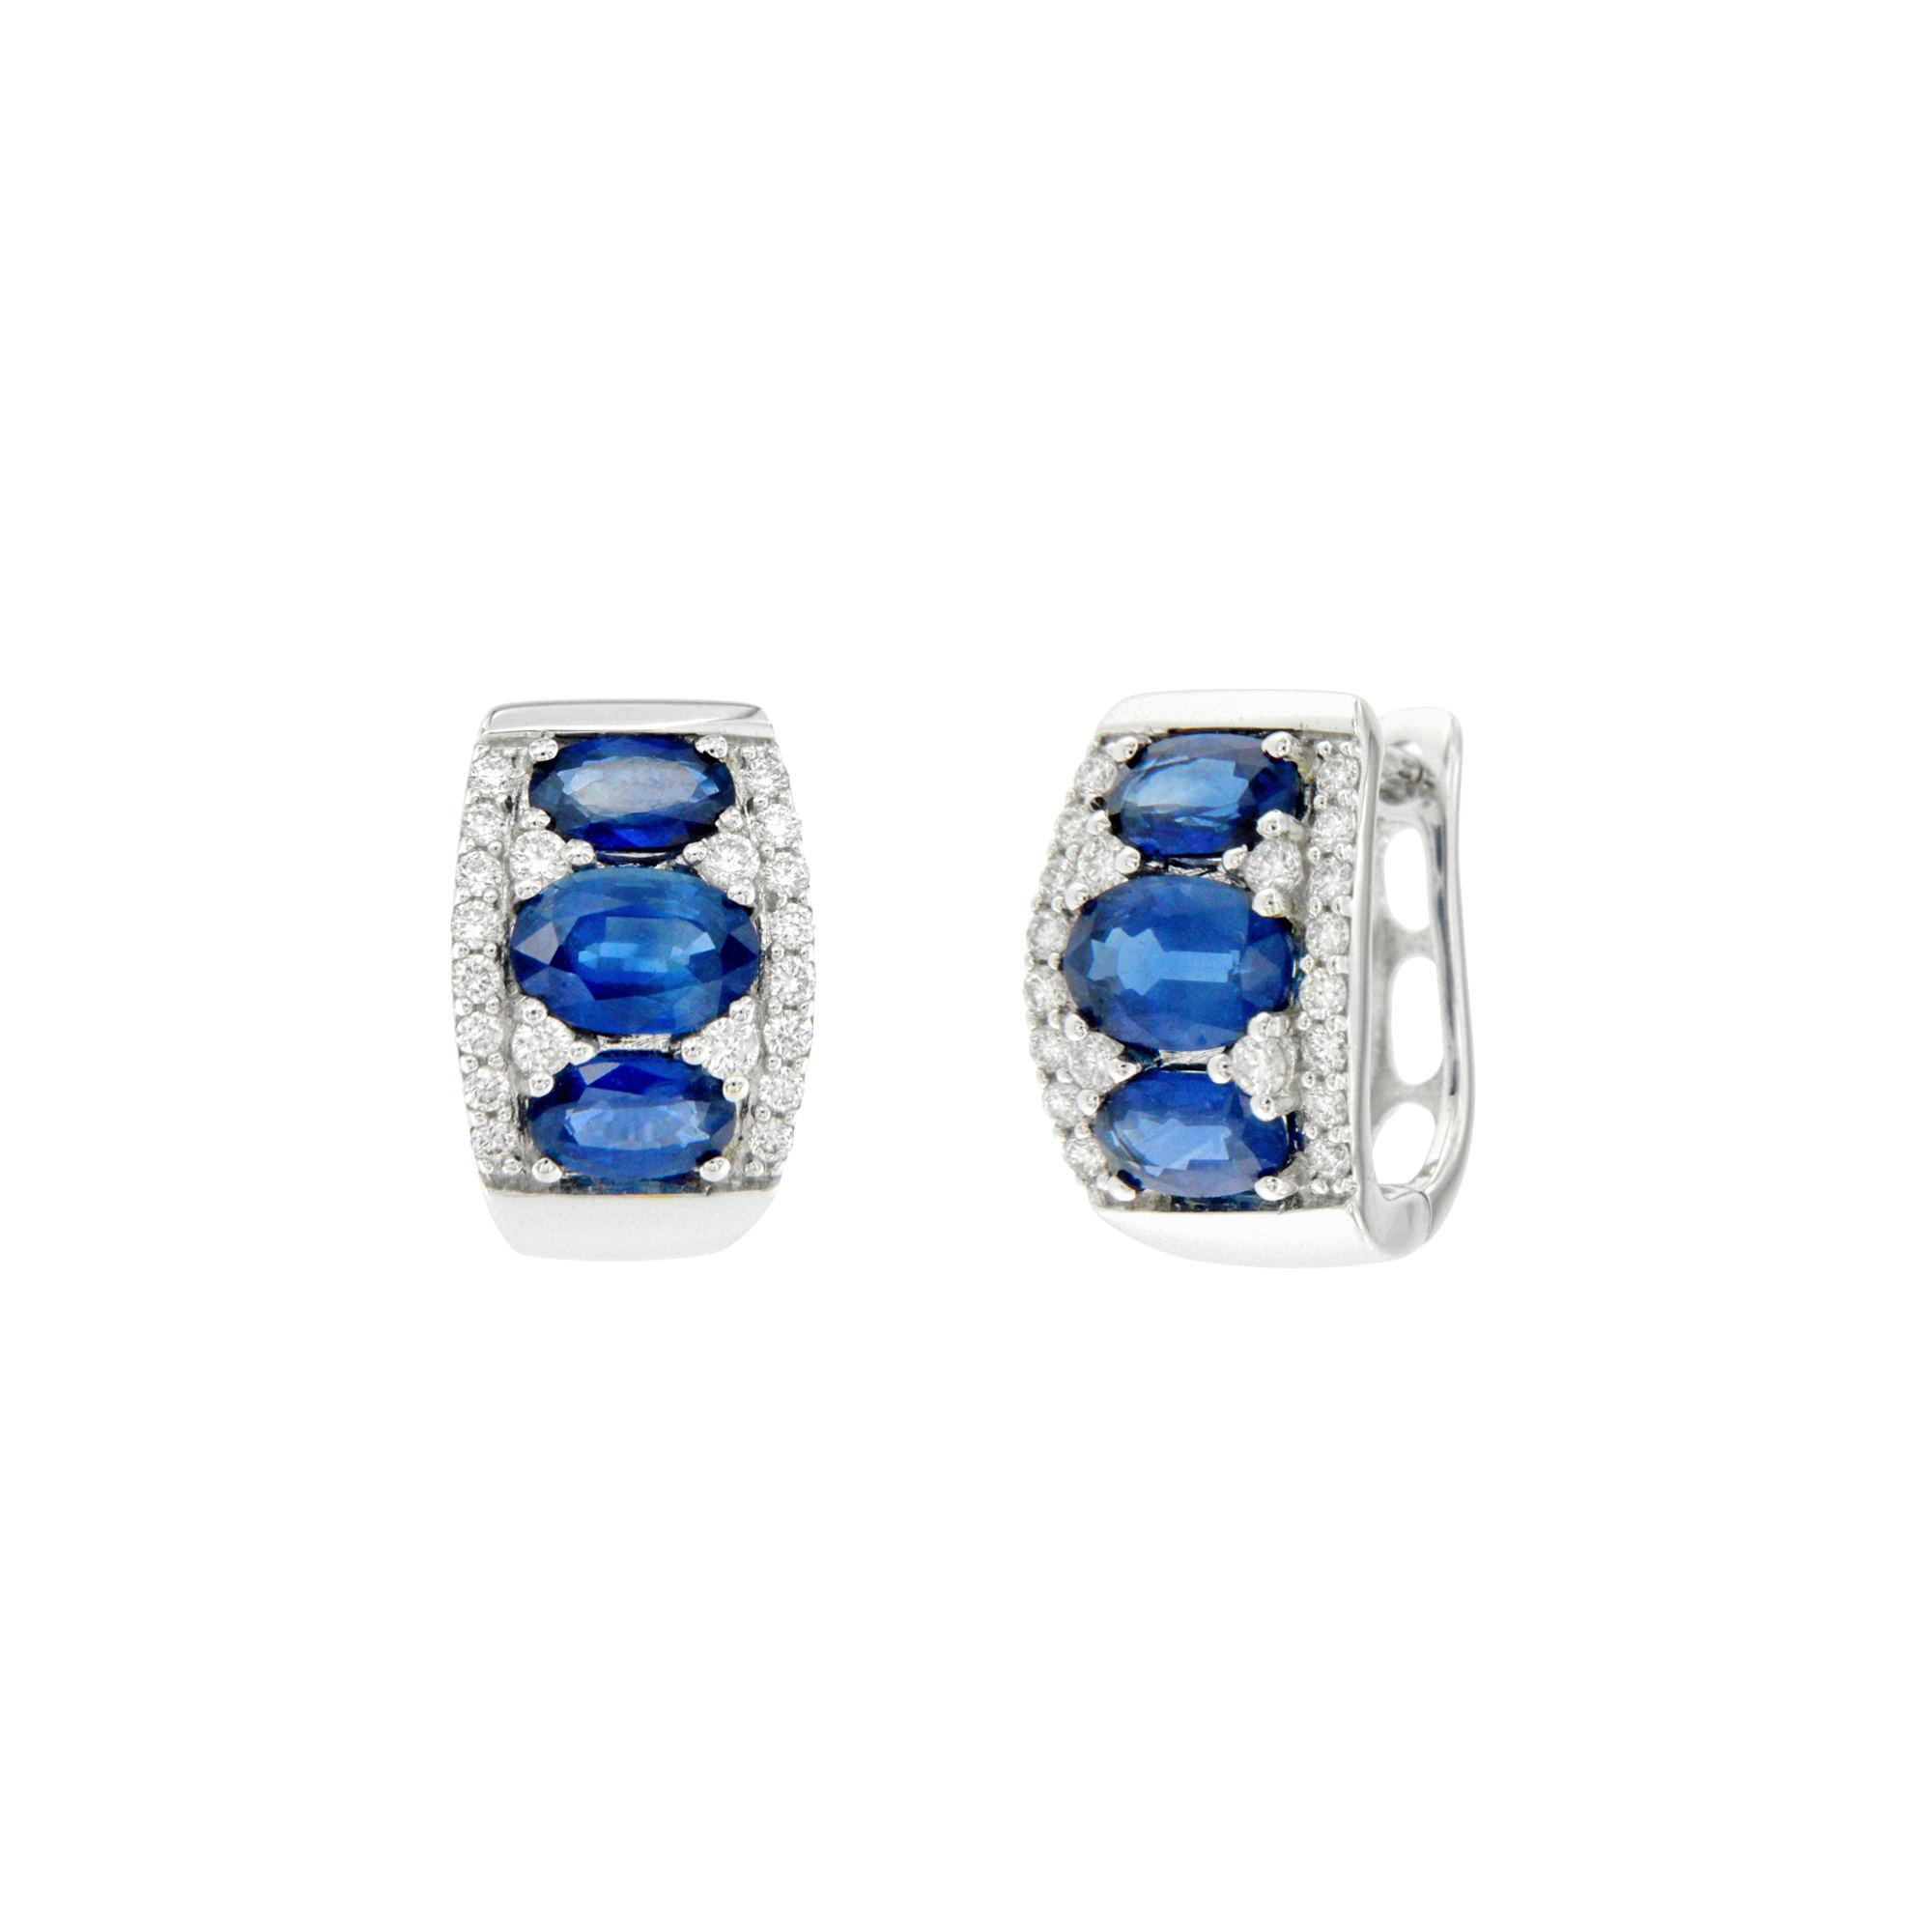 ER15237Z Orecchini in oro bianco con brillanti e zaffiri White gold earrings with diamonds and sapphires sconto discount